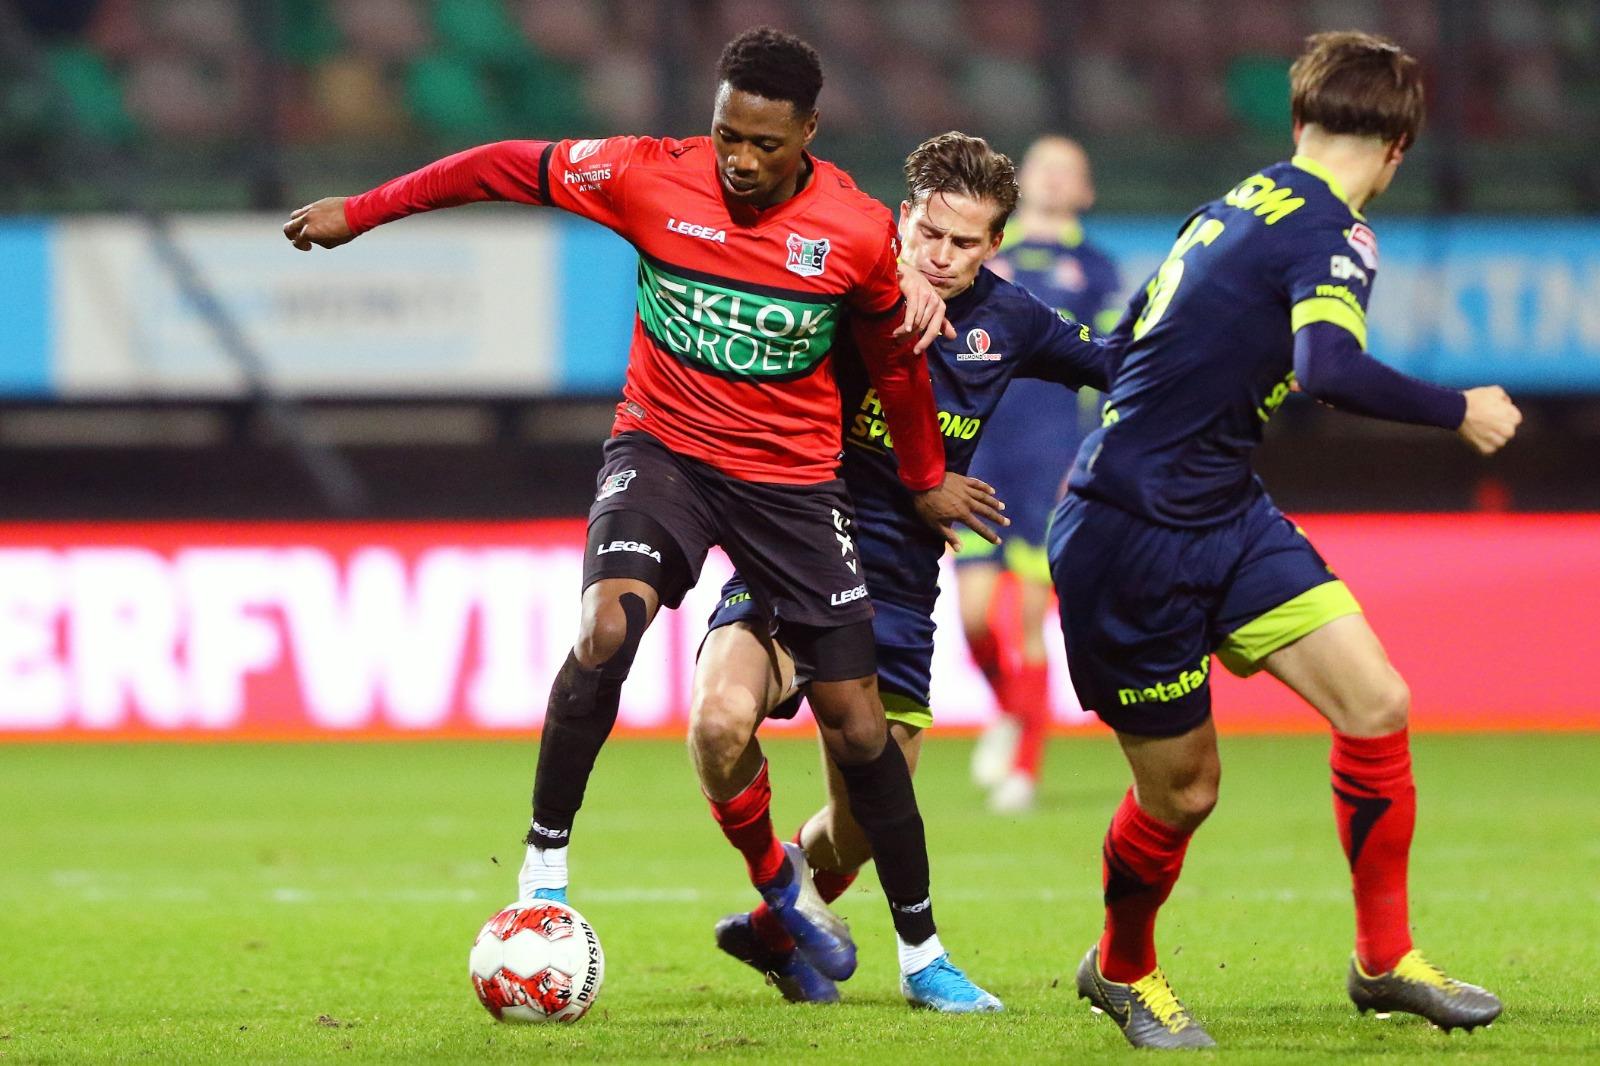 Voorbeschouwing: NEC gaat voor de winst tegen Helmond Sport